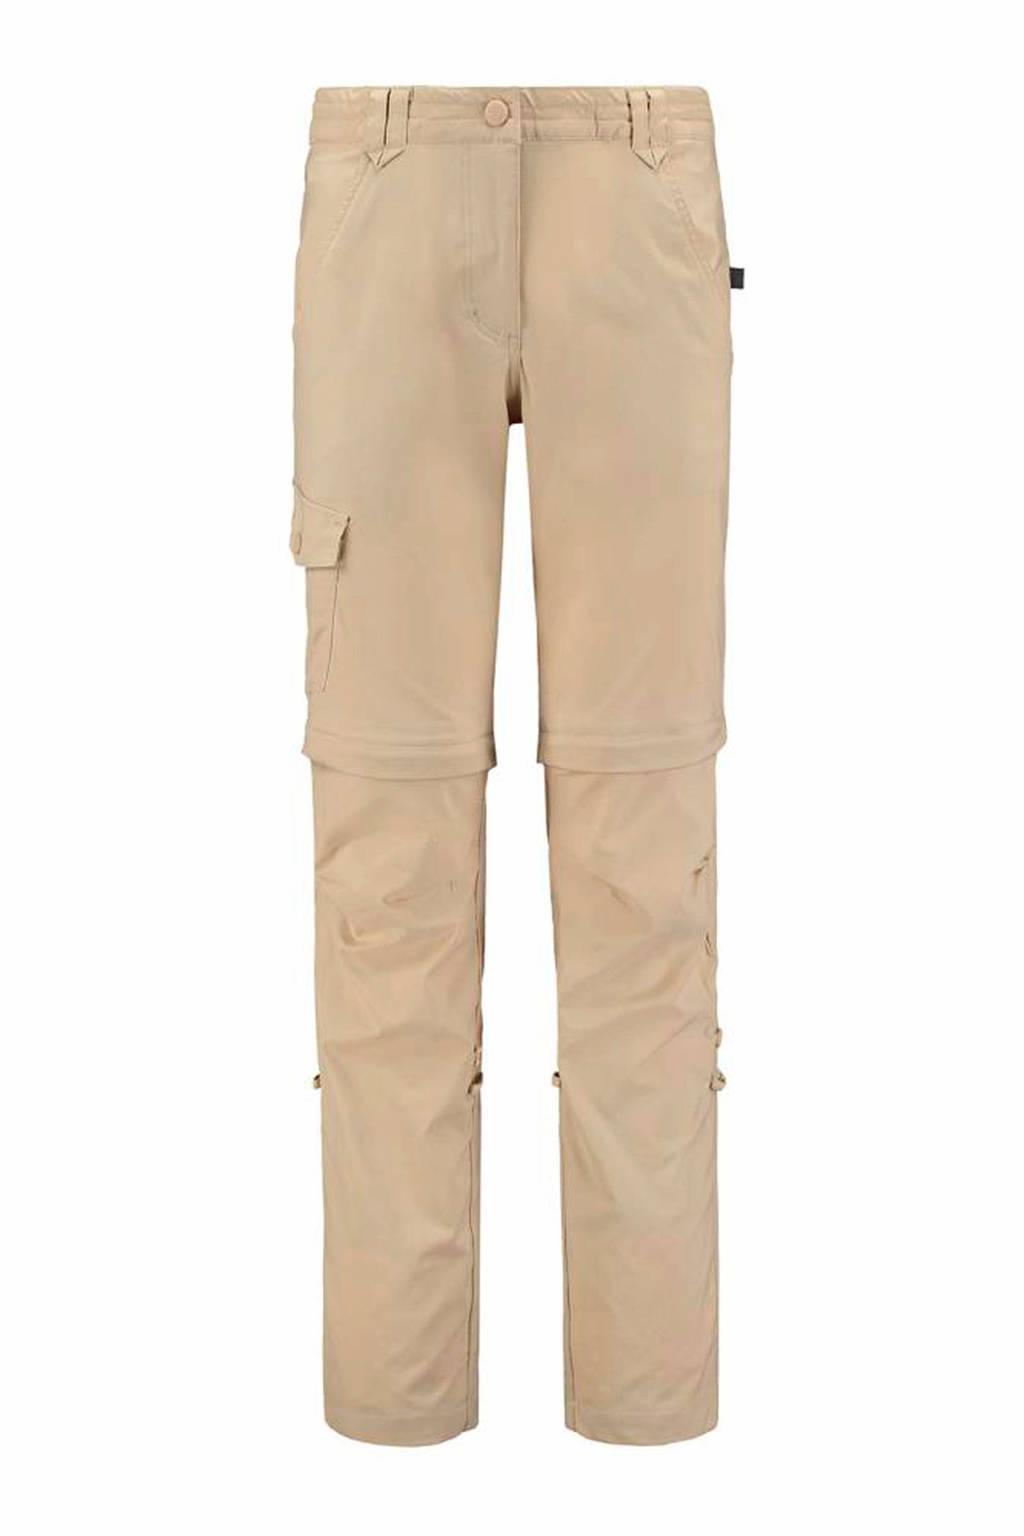 Life-Line outdoor broek Goclin beige, Beige